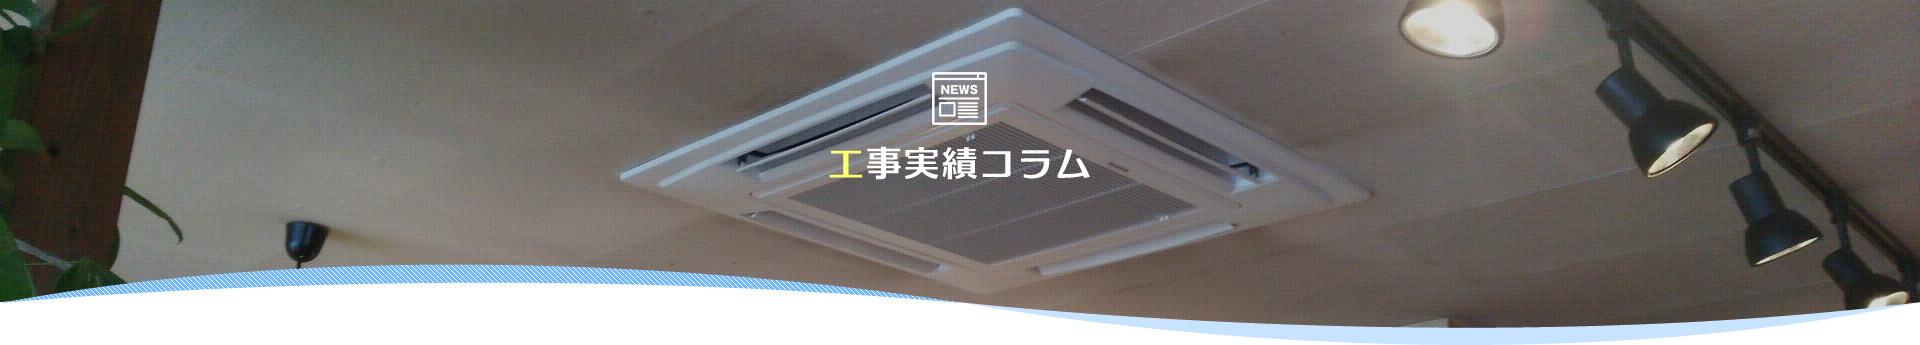 エアコンアシスト福岡 | 福岡のエアコン工事、クリーニング、電気・アンテナ工事の専門店